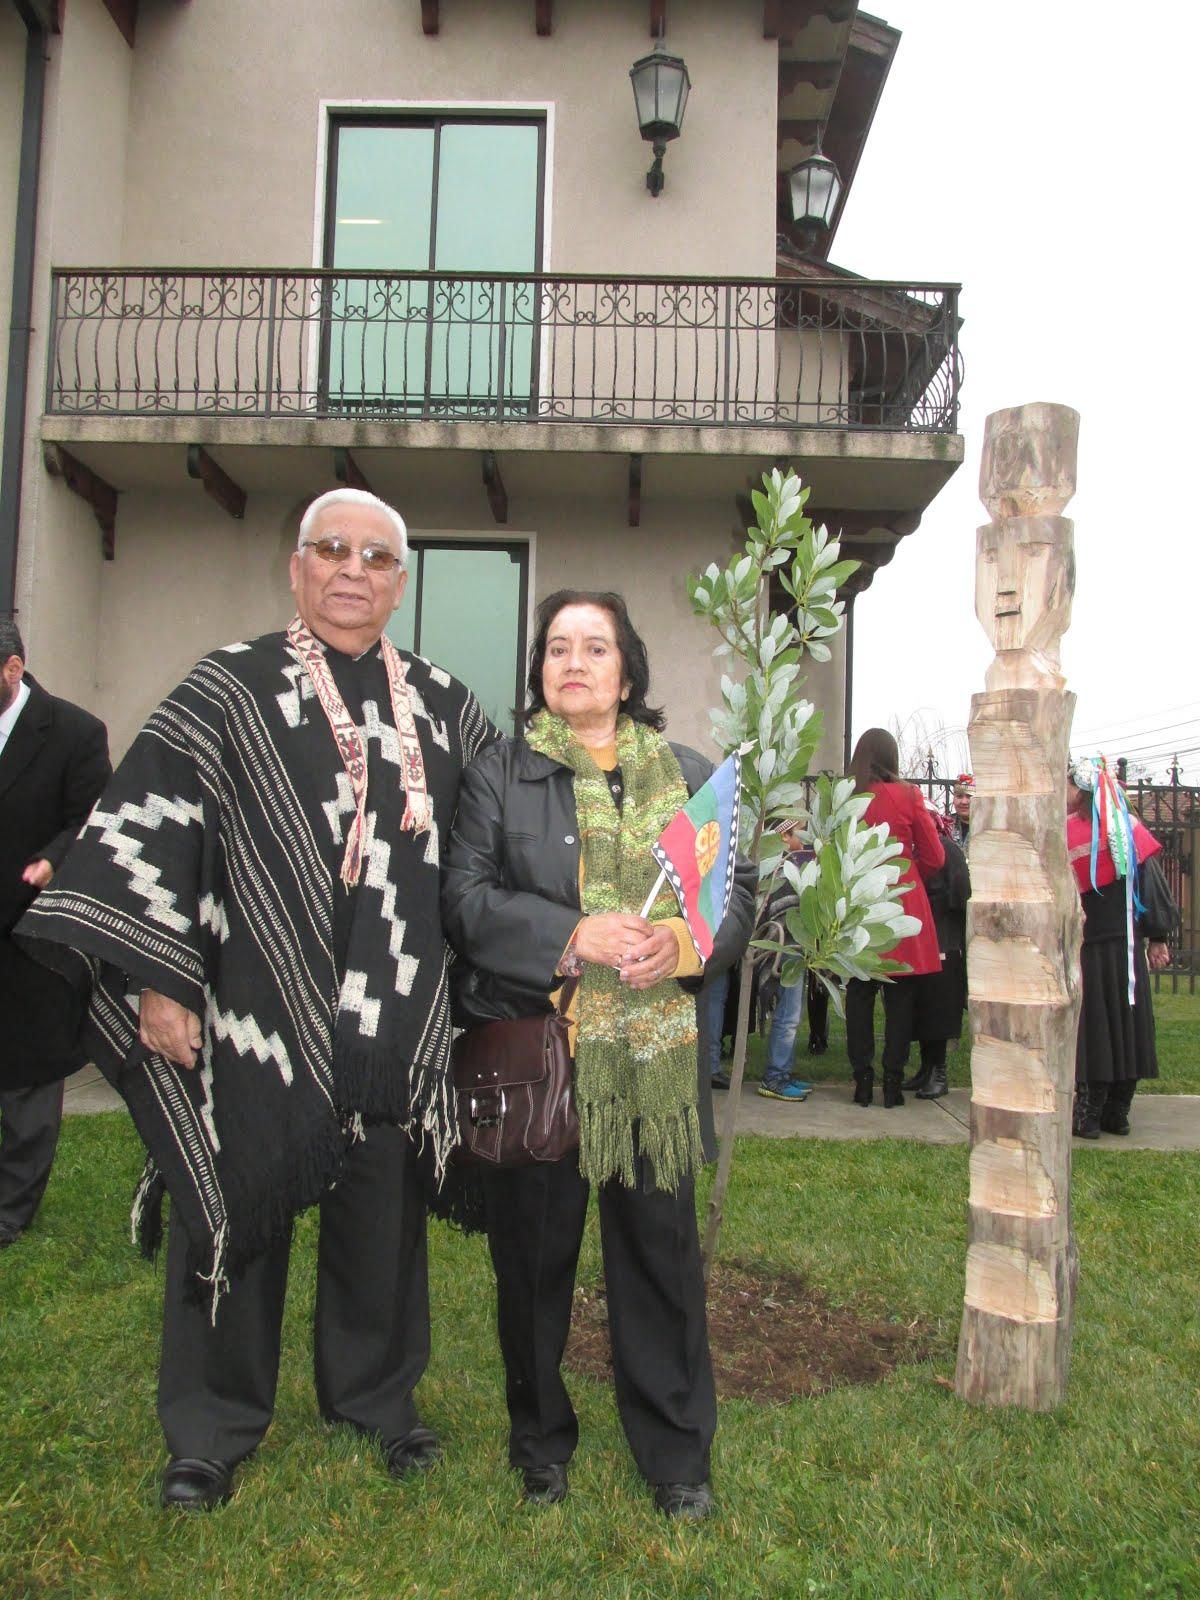 En ceremonia de izamiento de la bandera mapuche en Municipalidad de Chillán Viejo